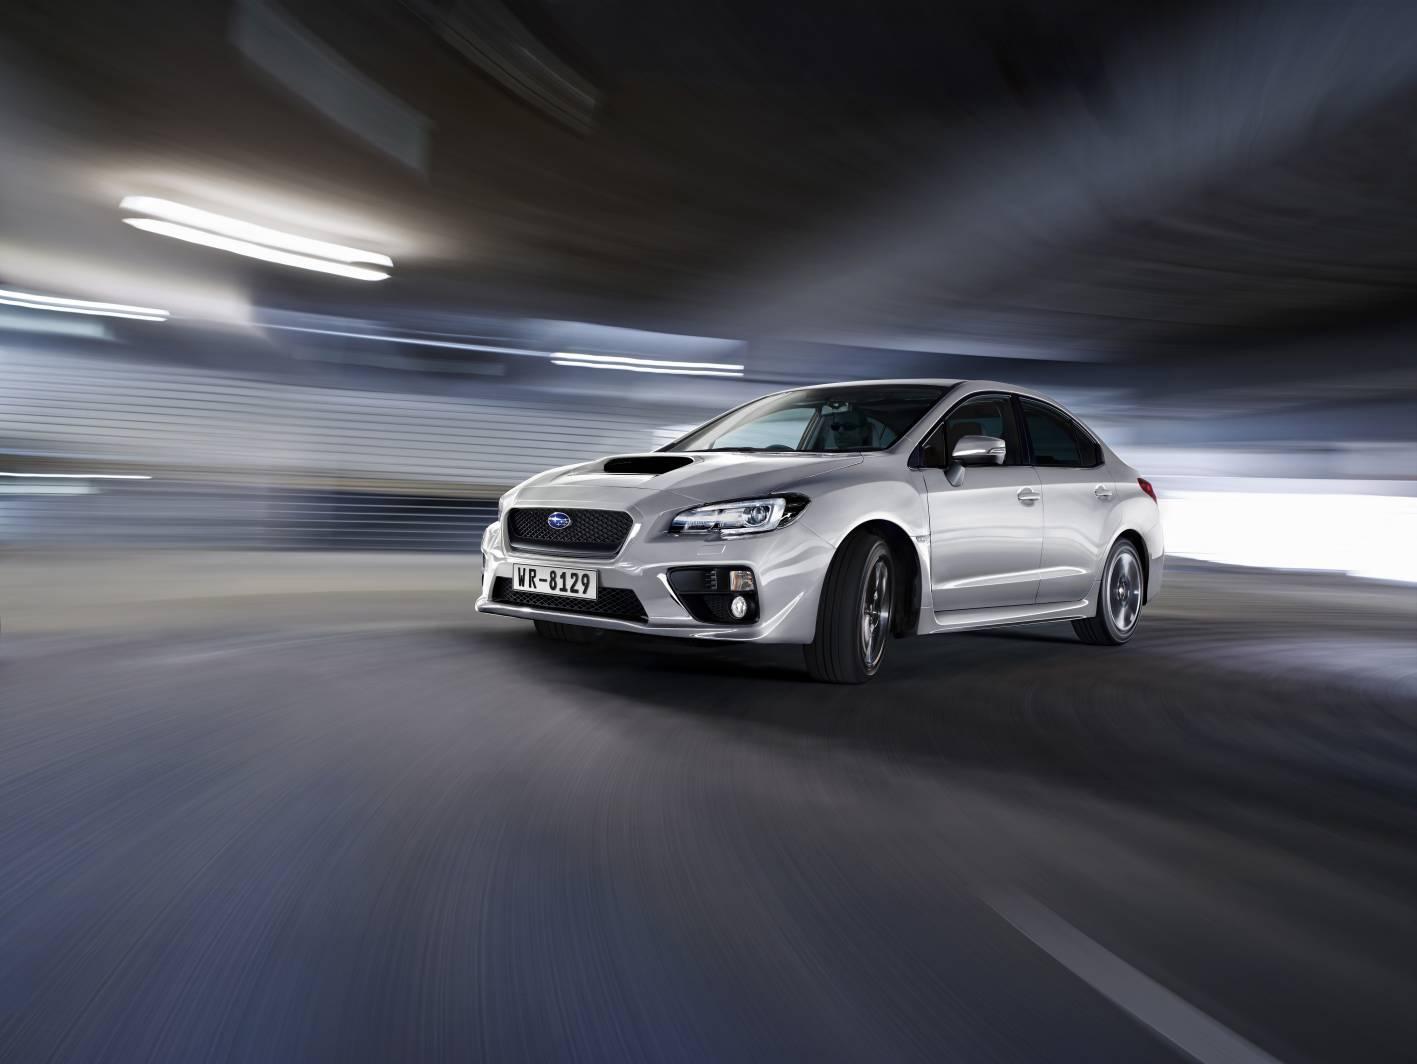 Brz Vs Wrx >> Subaru Cars - News: 2014 WRX bows in at LA Auto Show